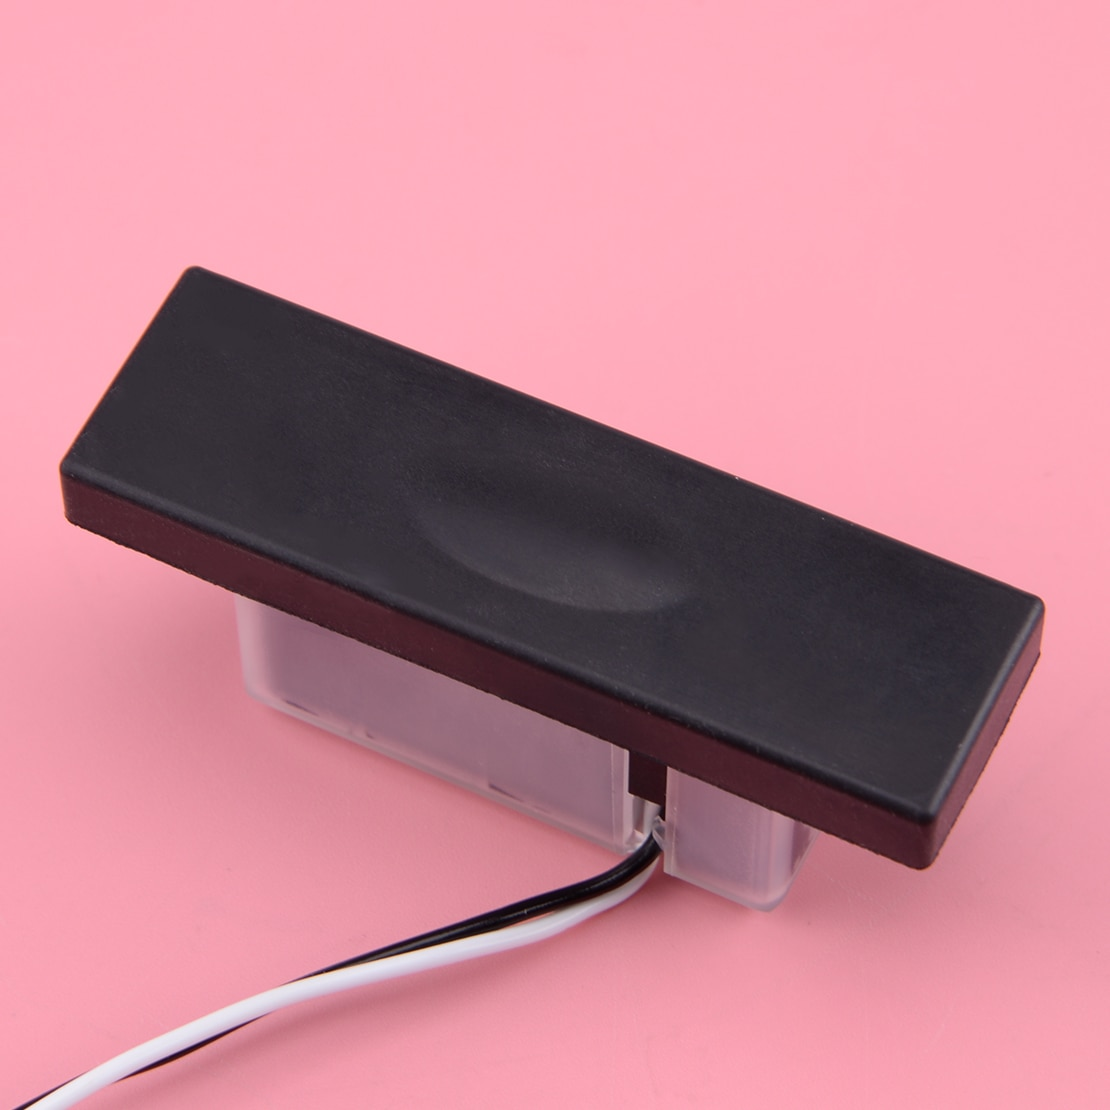 81260m0000 81260a0000 fio interruptor de botão tronco traseiro preto apto para hyundai ix25 creta kia ceed cerato k3 forte